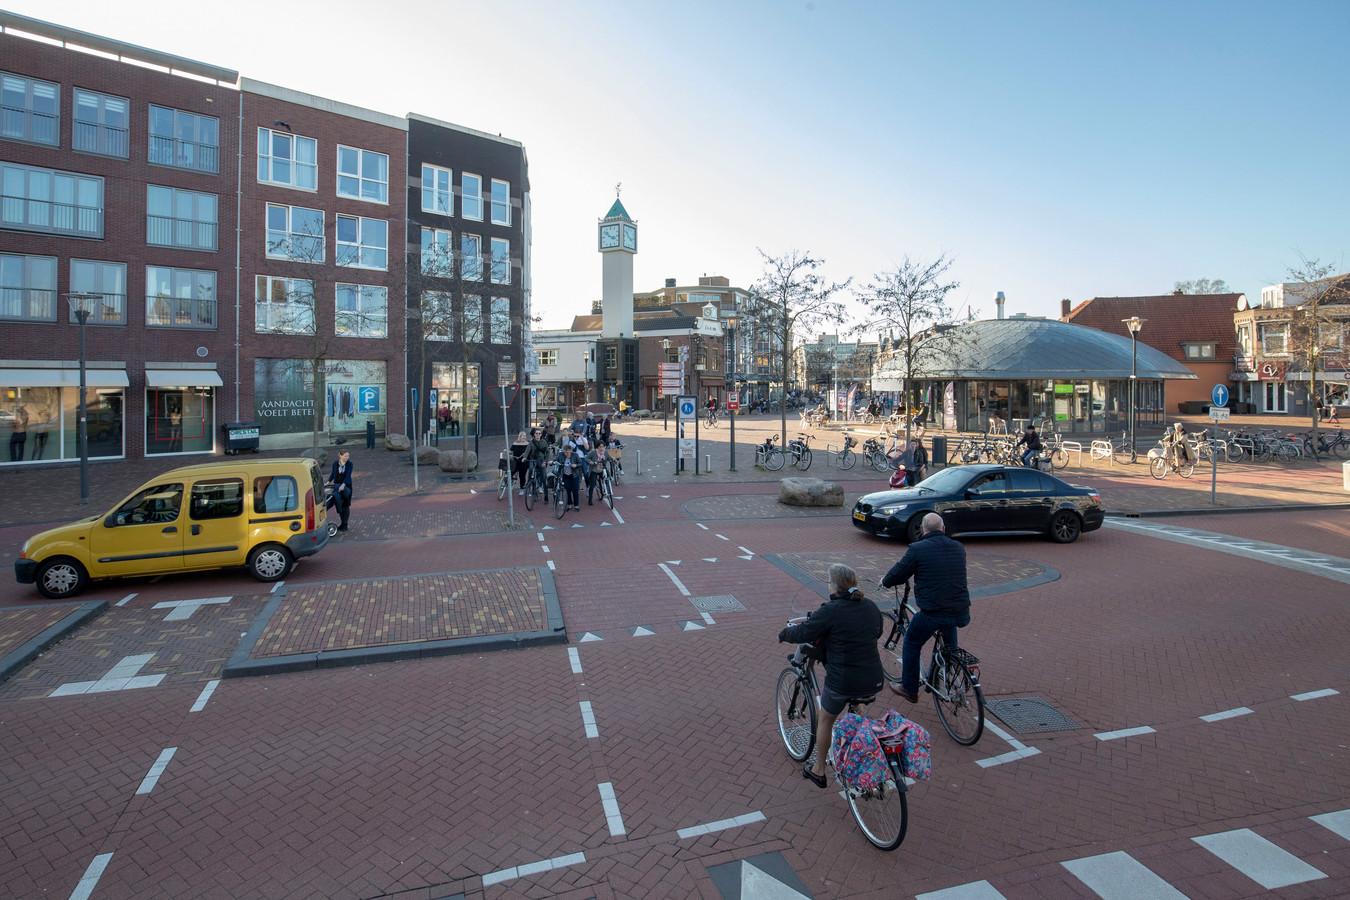 De nieuwe oversteekplaats voor fietsers en voetgangers bij het Zwaaiplein die veel verwarring veroorzaakt.